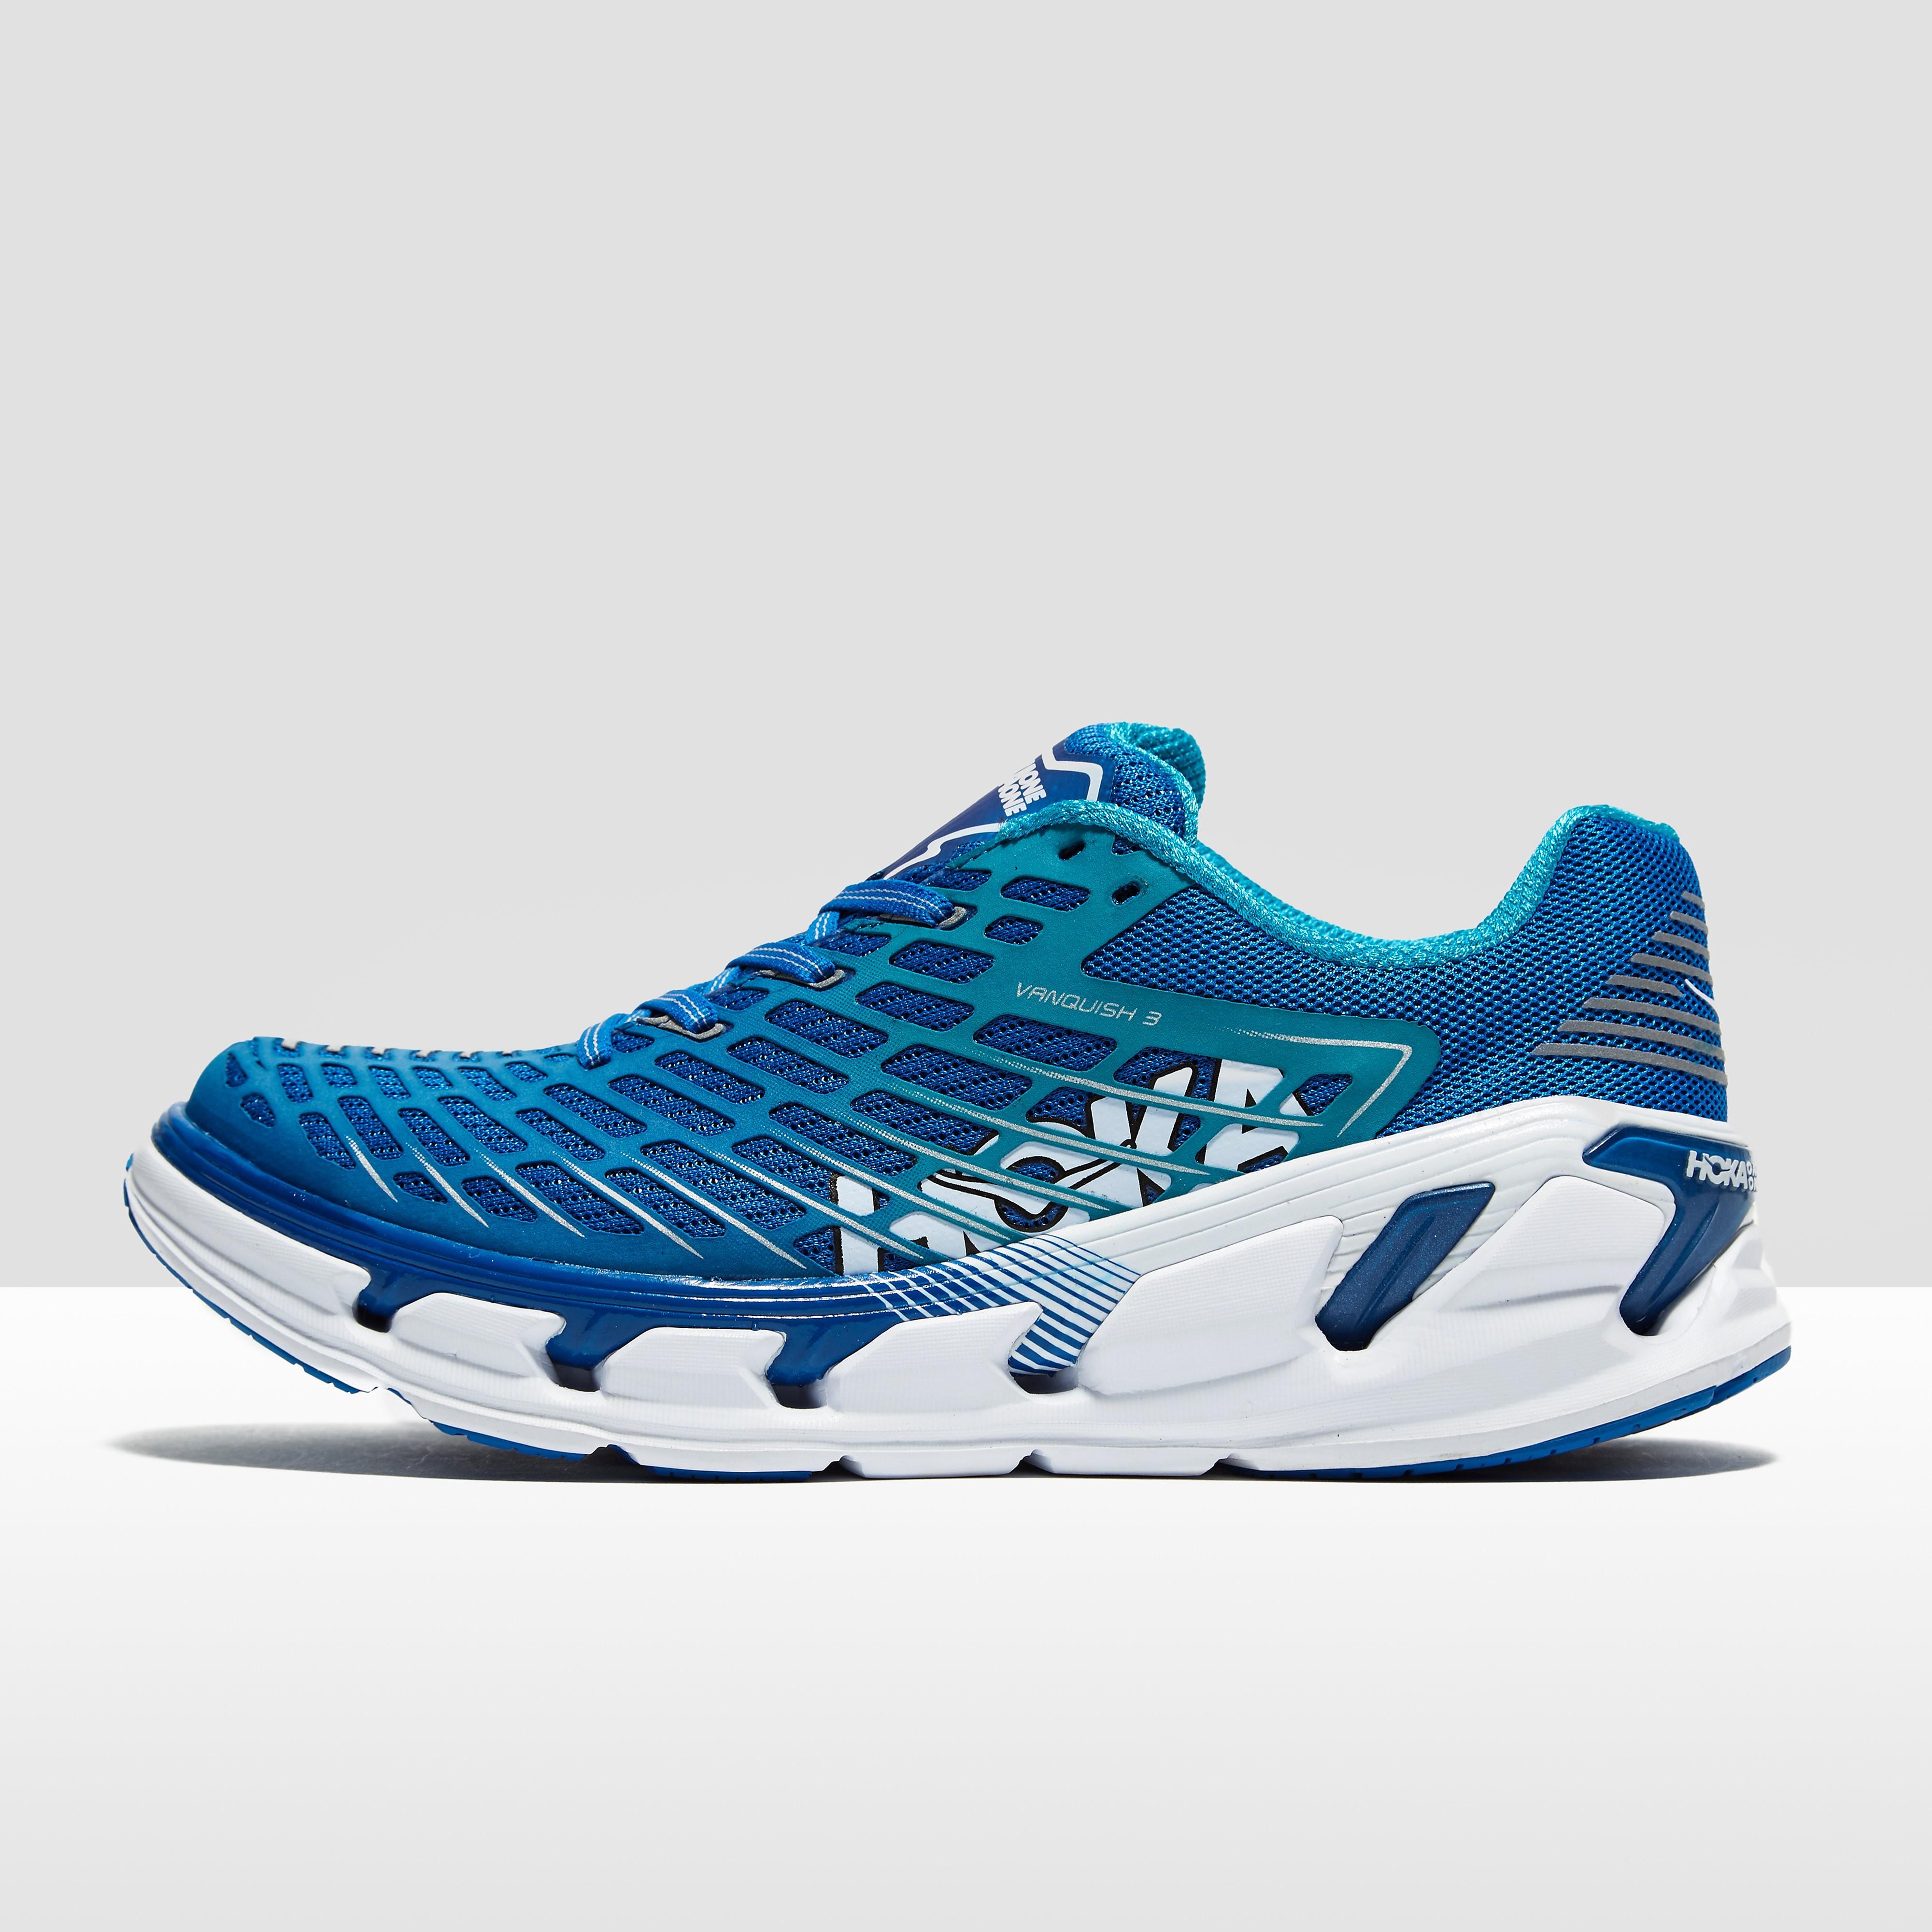 Hoka One One Vanquish 3 Men's Running Shoes